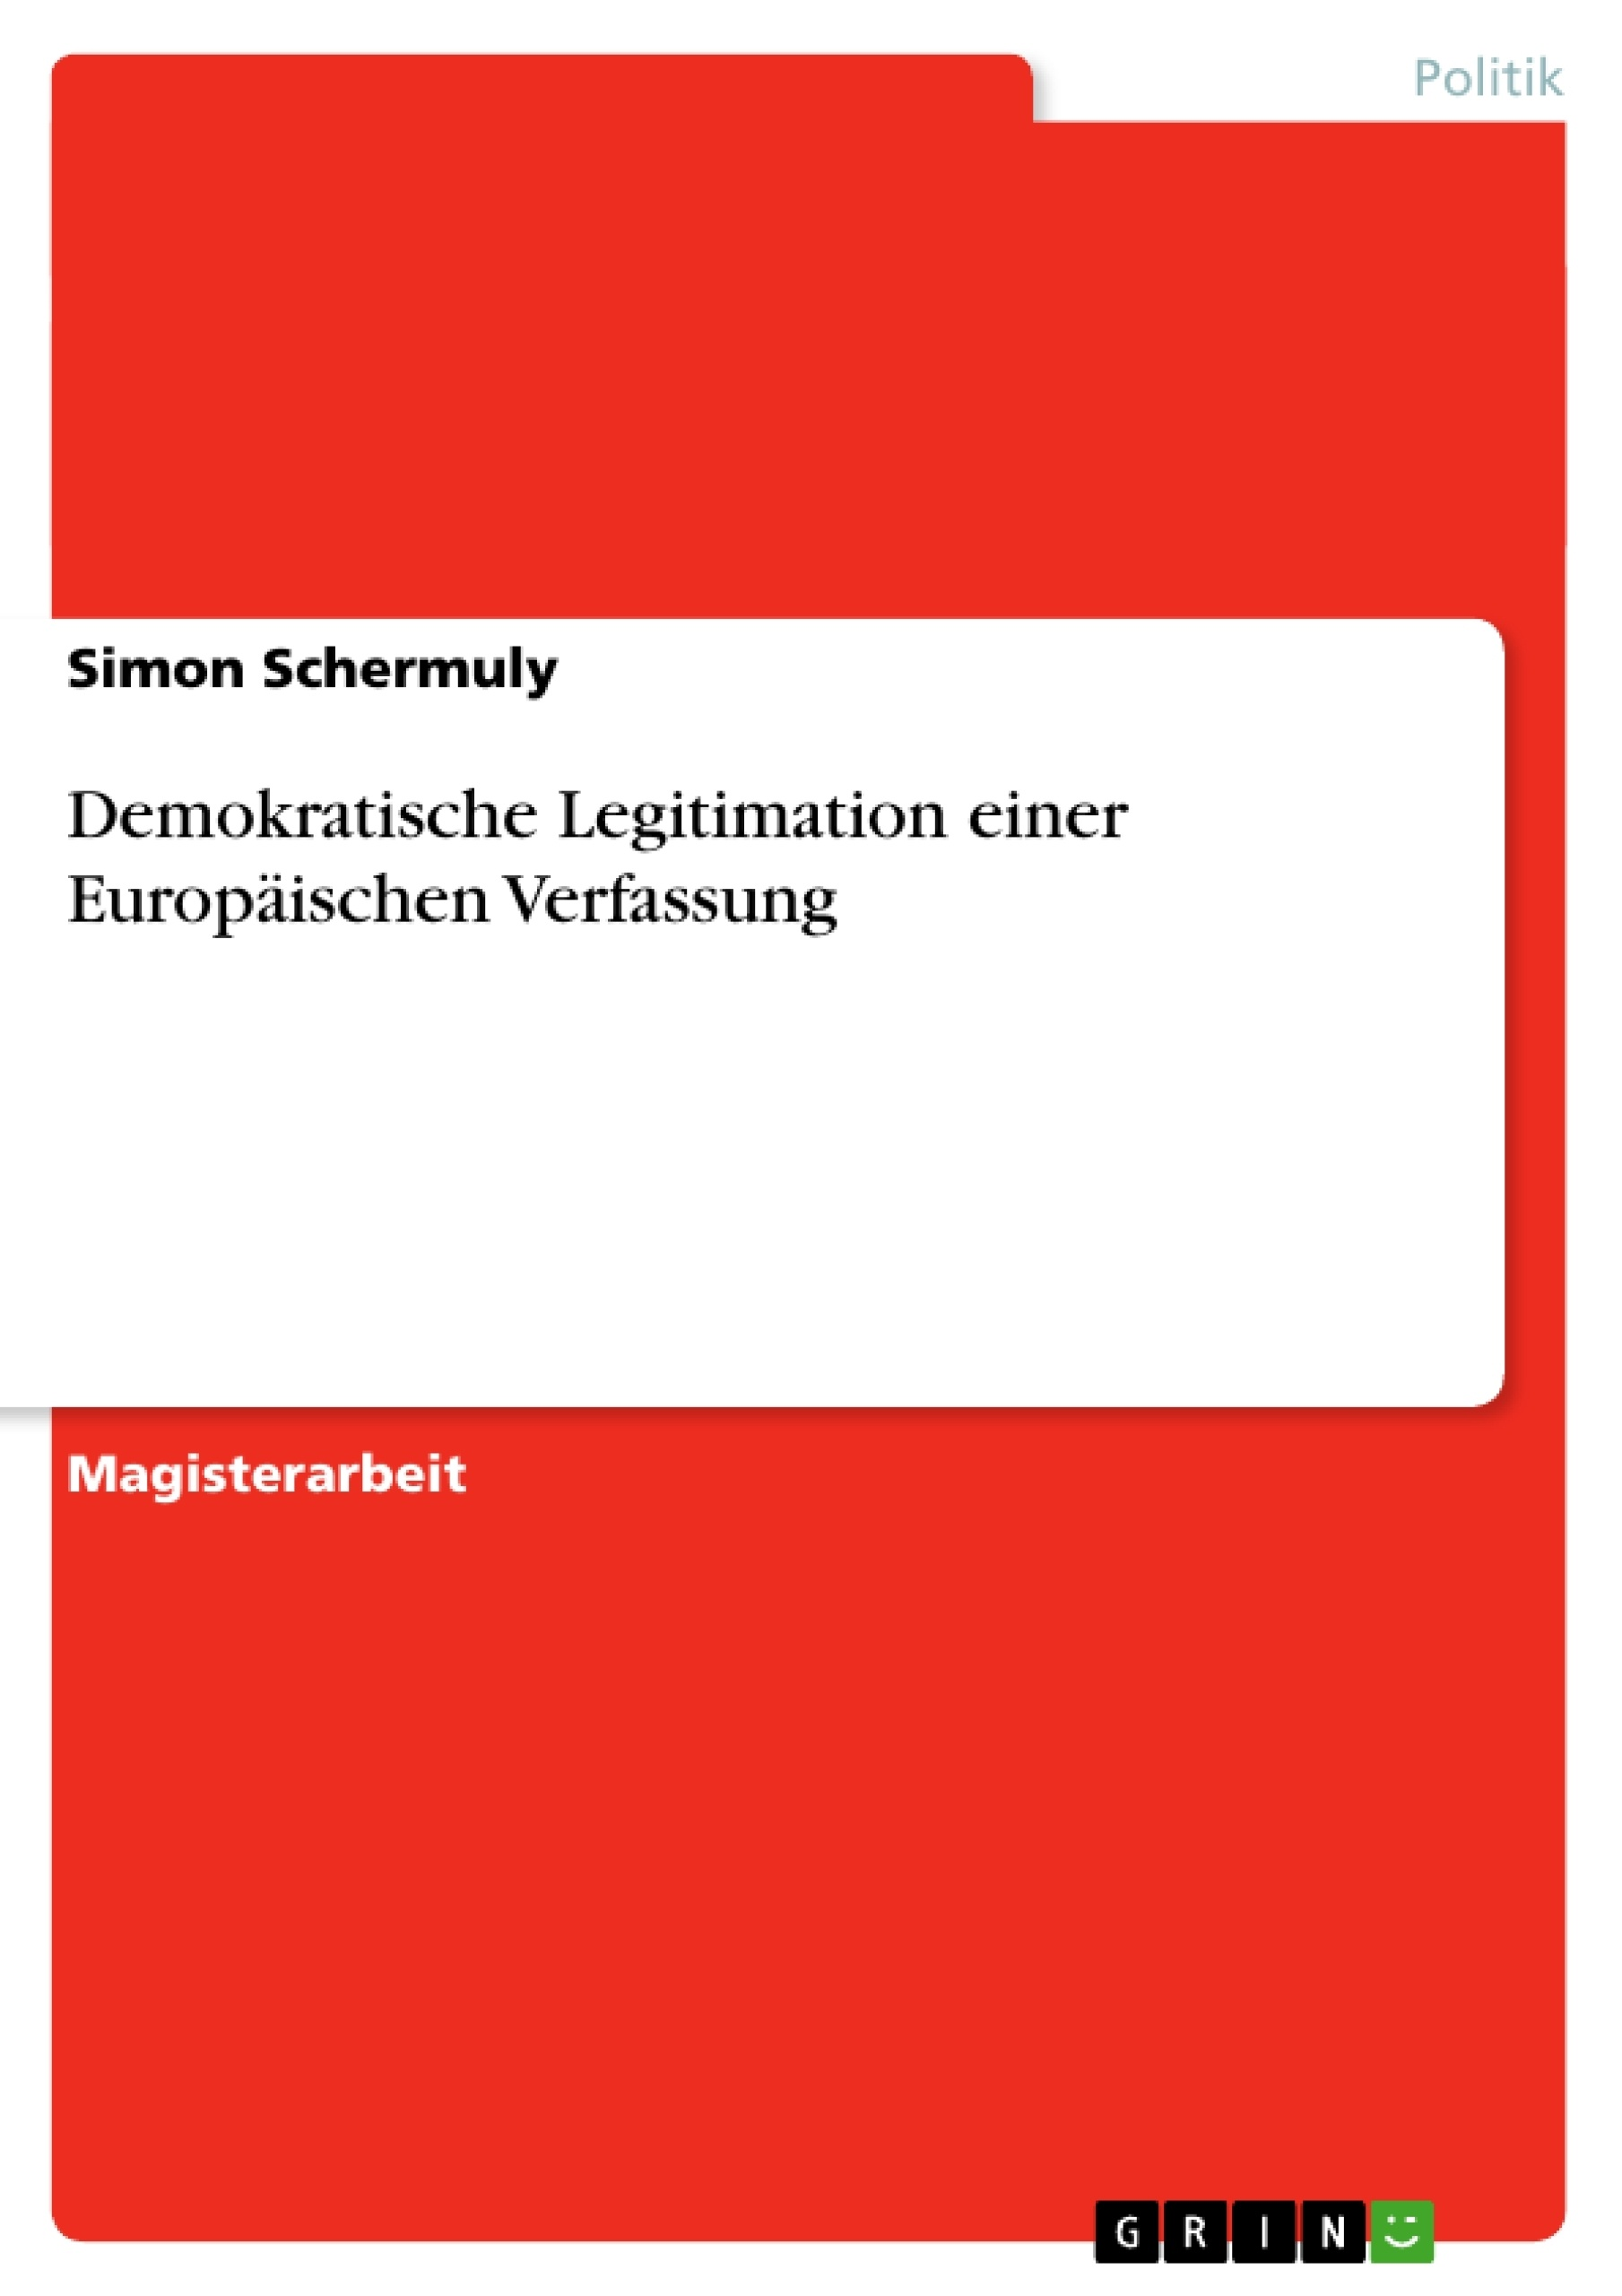 Titel: Demokratische Legitimation einer Europäischen Verfassung